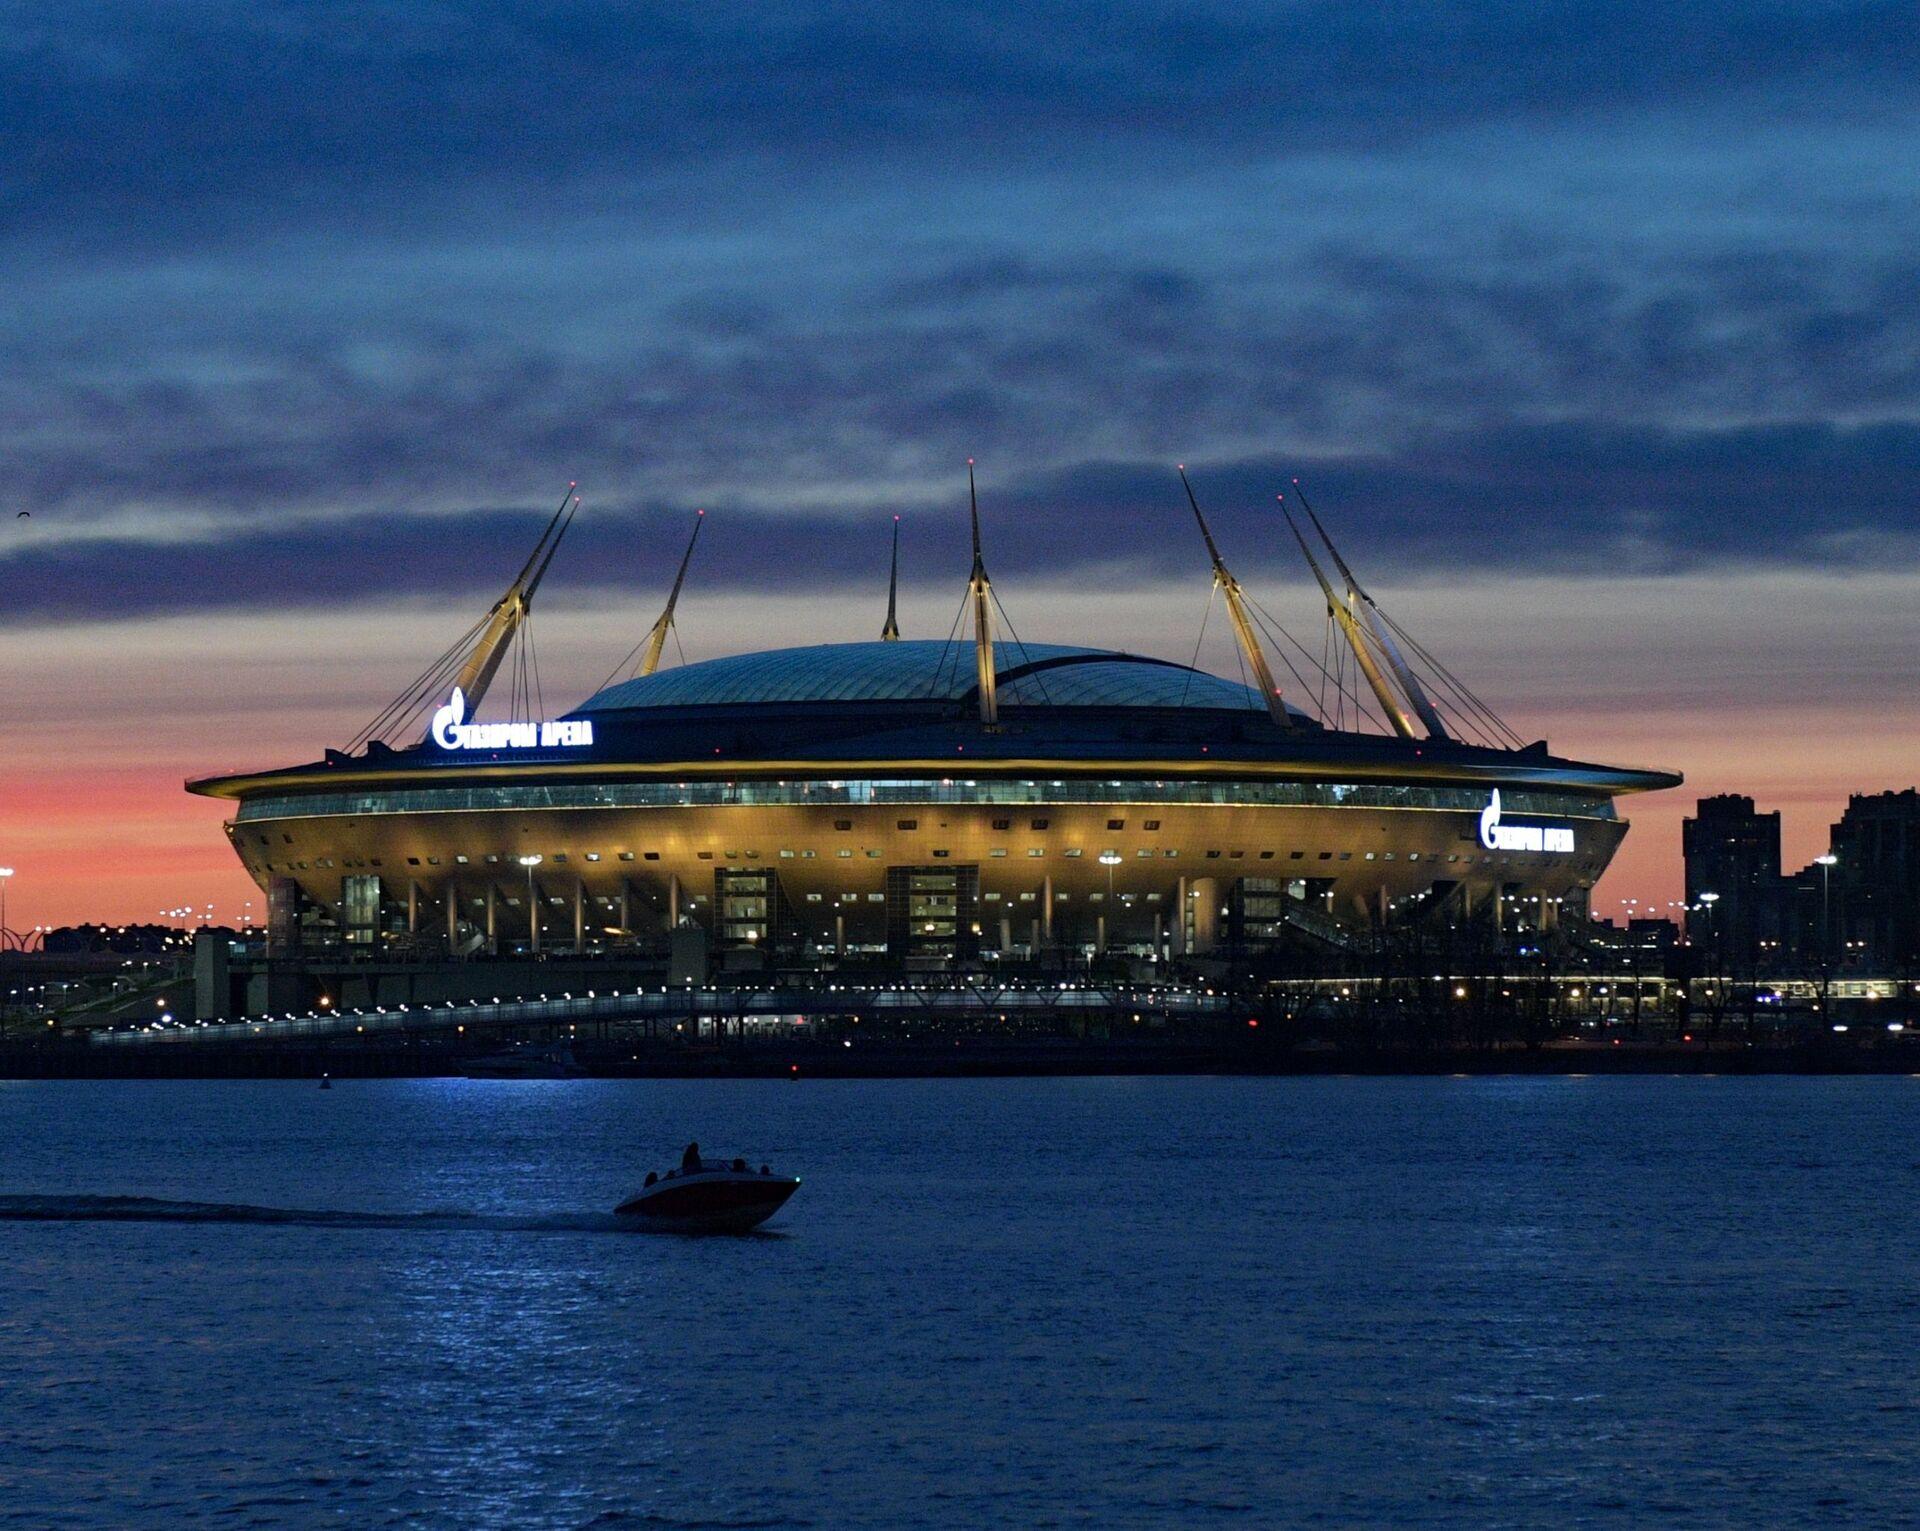 Матчи в Санкт-Петербурге ЧЕ по футболу 2021: расписание, цены на билеты - Sputnik Грузия, 1920, 25.05.2021